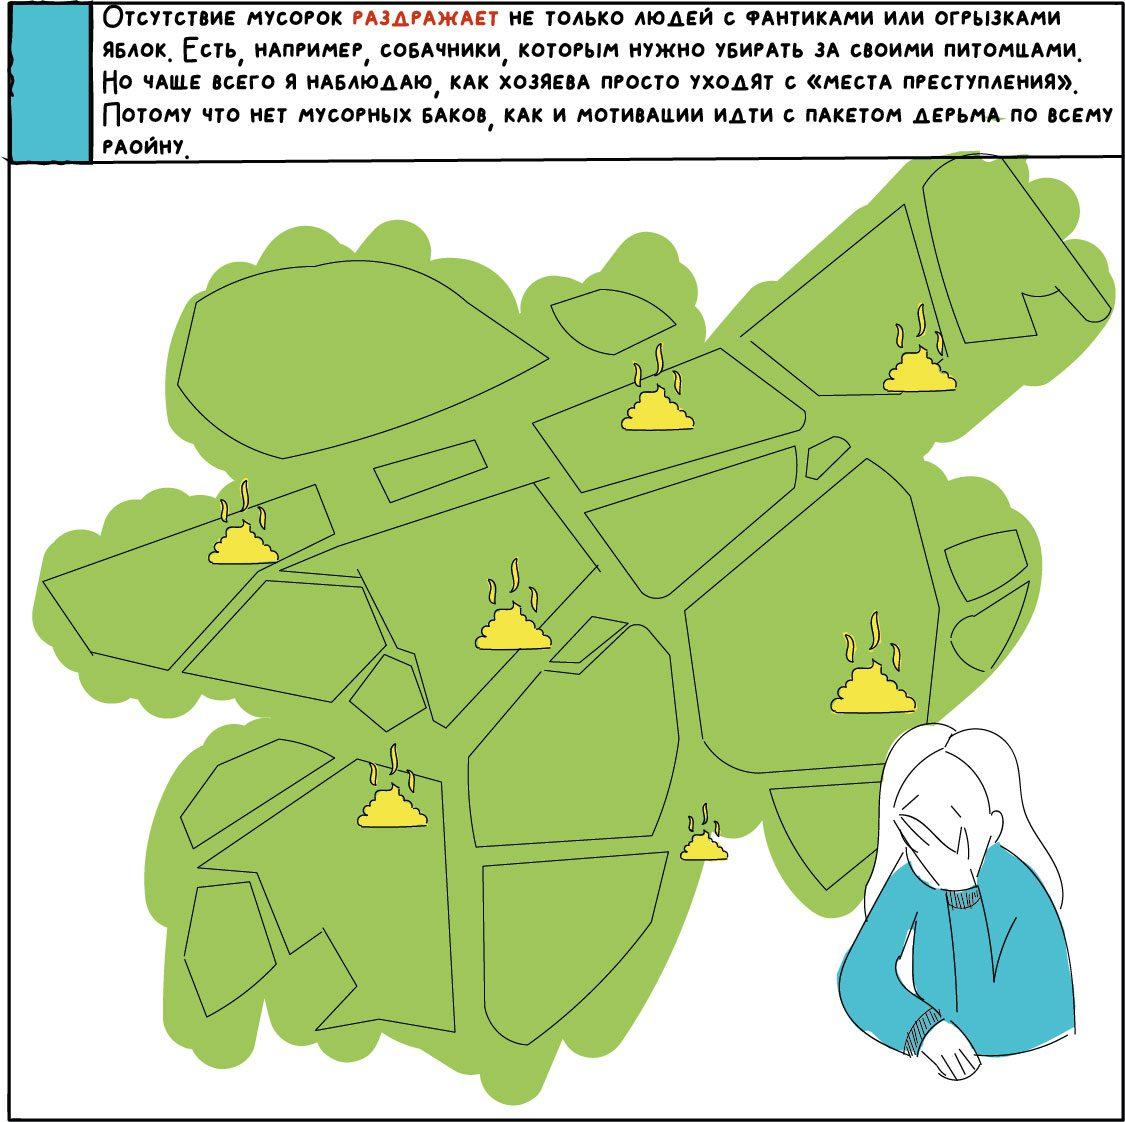 comics about kyiv 16 - <b>«Собі побібікай!»</b> Комікс Анастасії Оприщенко про те, що дратує в Києві найбільше - Заборона